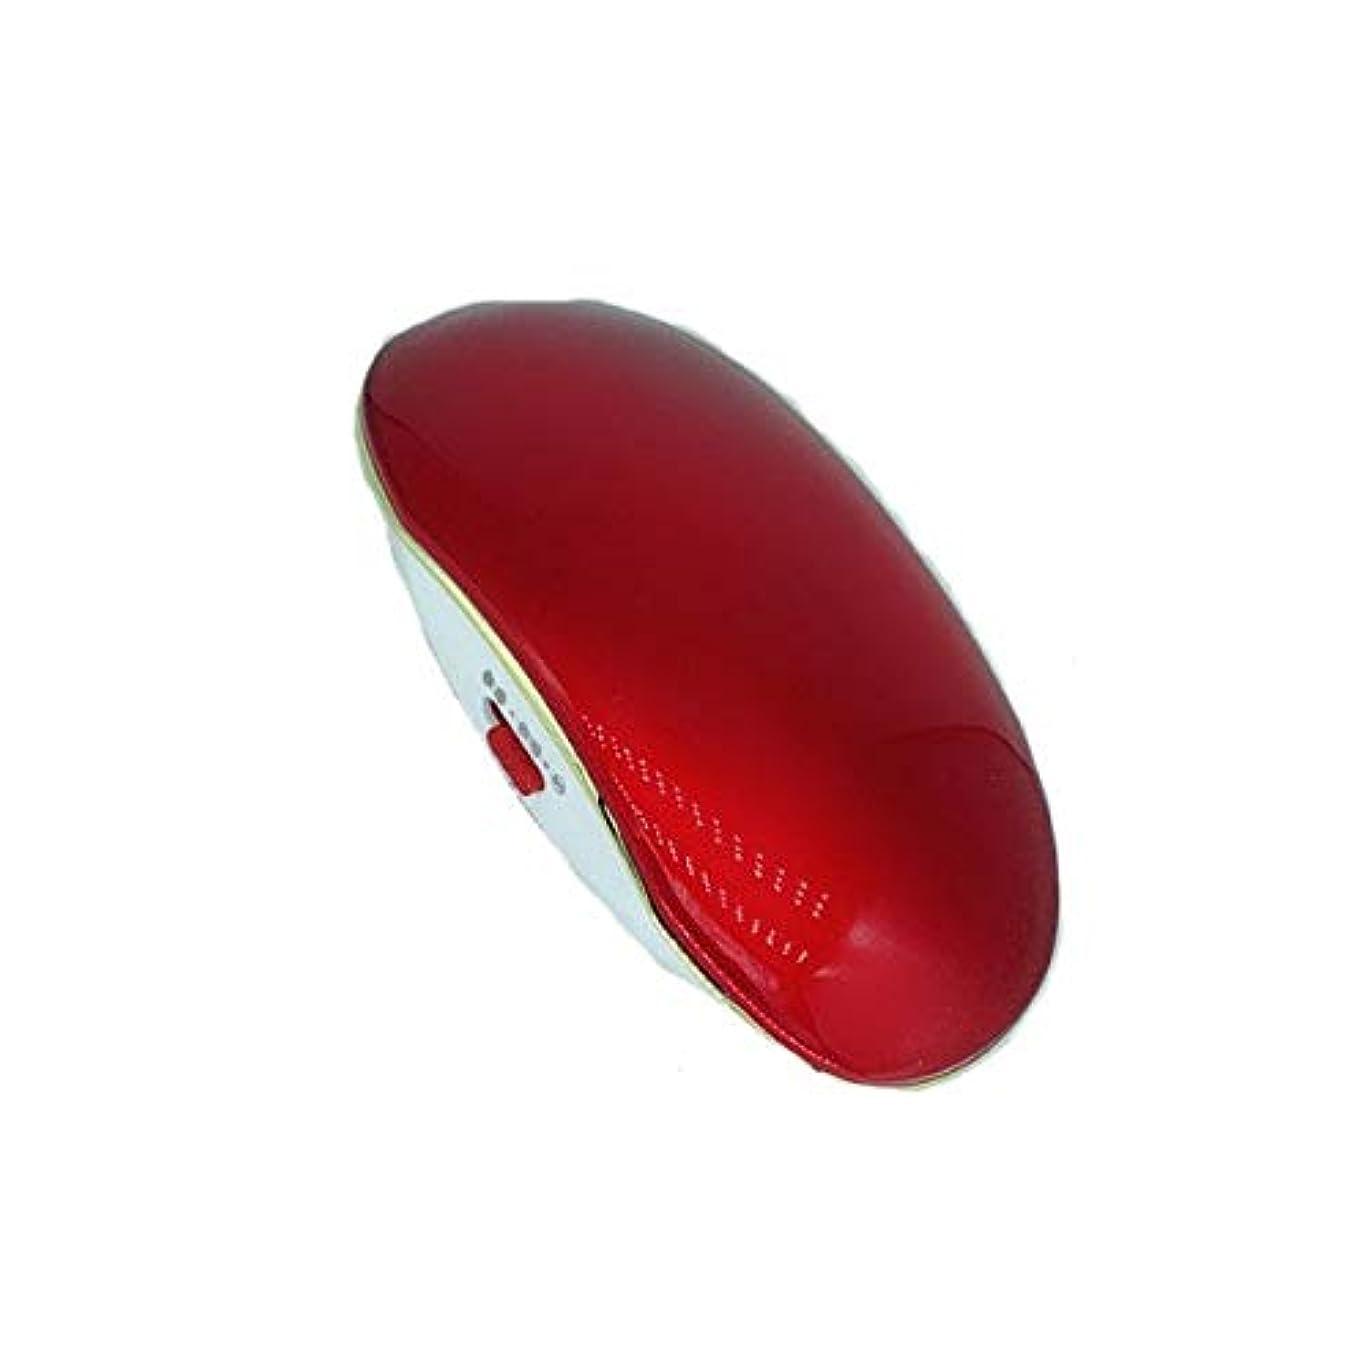 洗う気づくスポーツマンマイナスイオンマッサージコーム、赤ポータブルマイナスイオン帯電防止ストレートヘアコーム、振動マッサージコームコーム、ヘアコームギフト